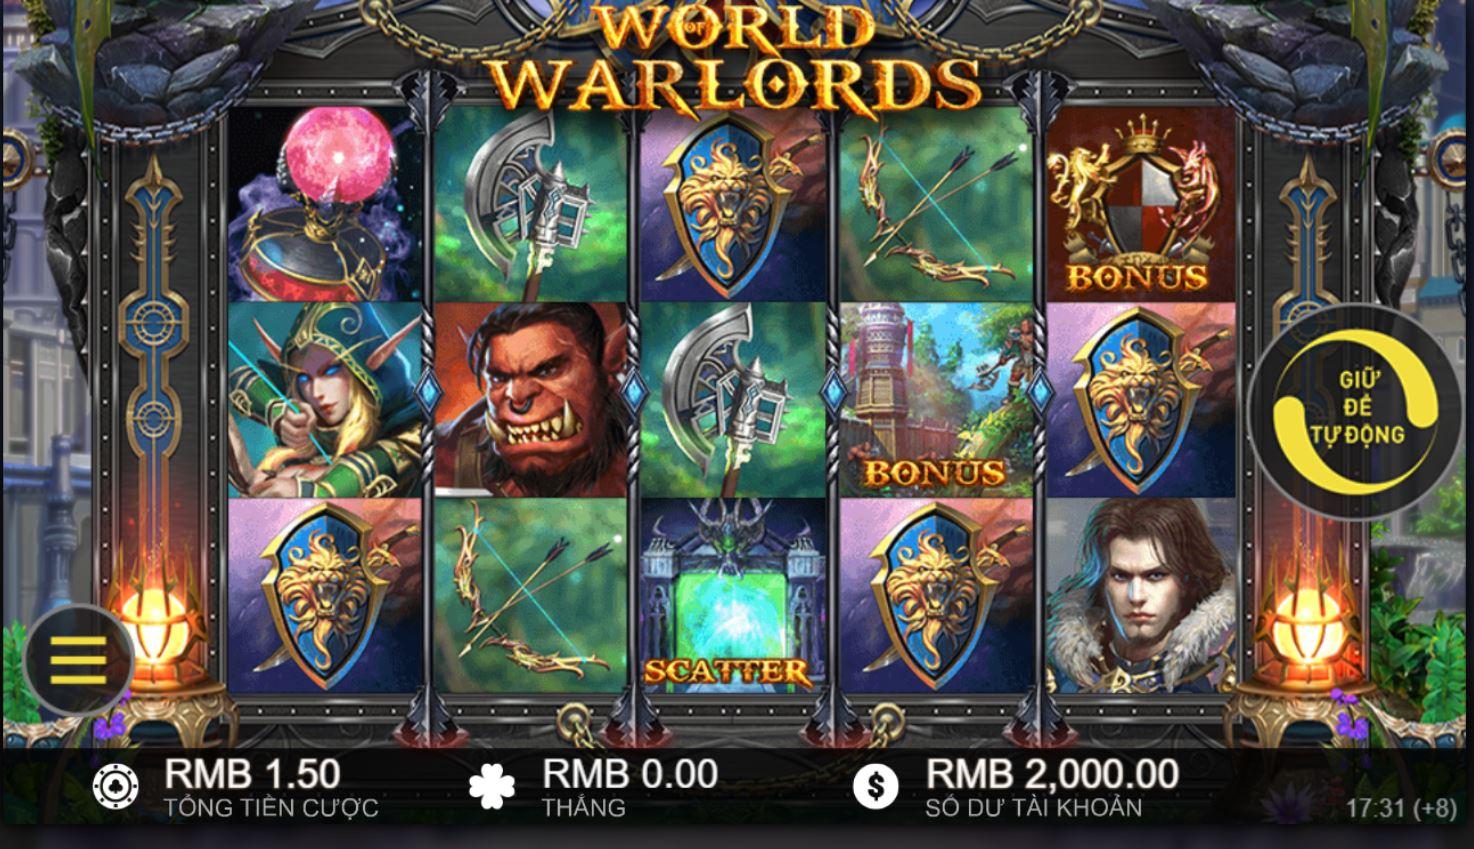 Giới thiệu về game quay hũ World of Warlords - Bá chủ thế giới